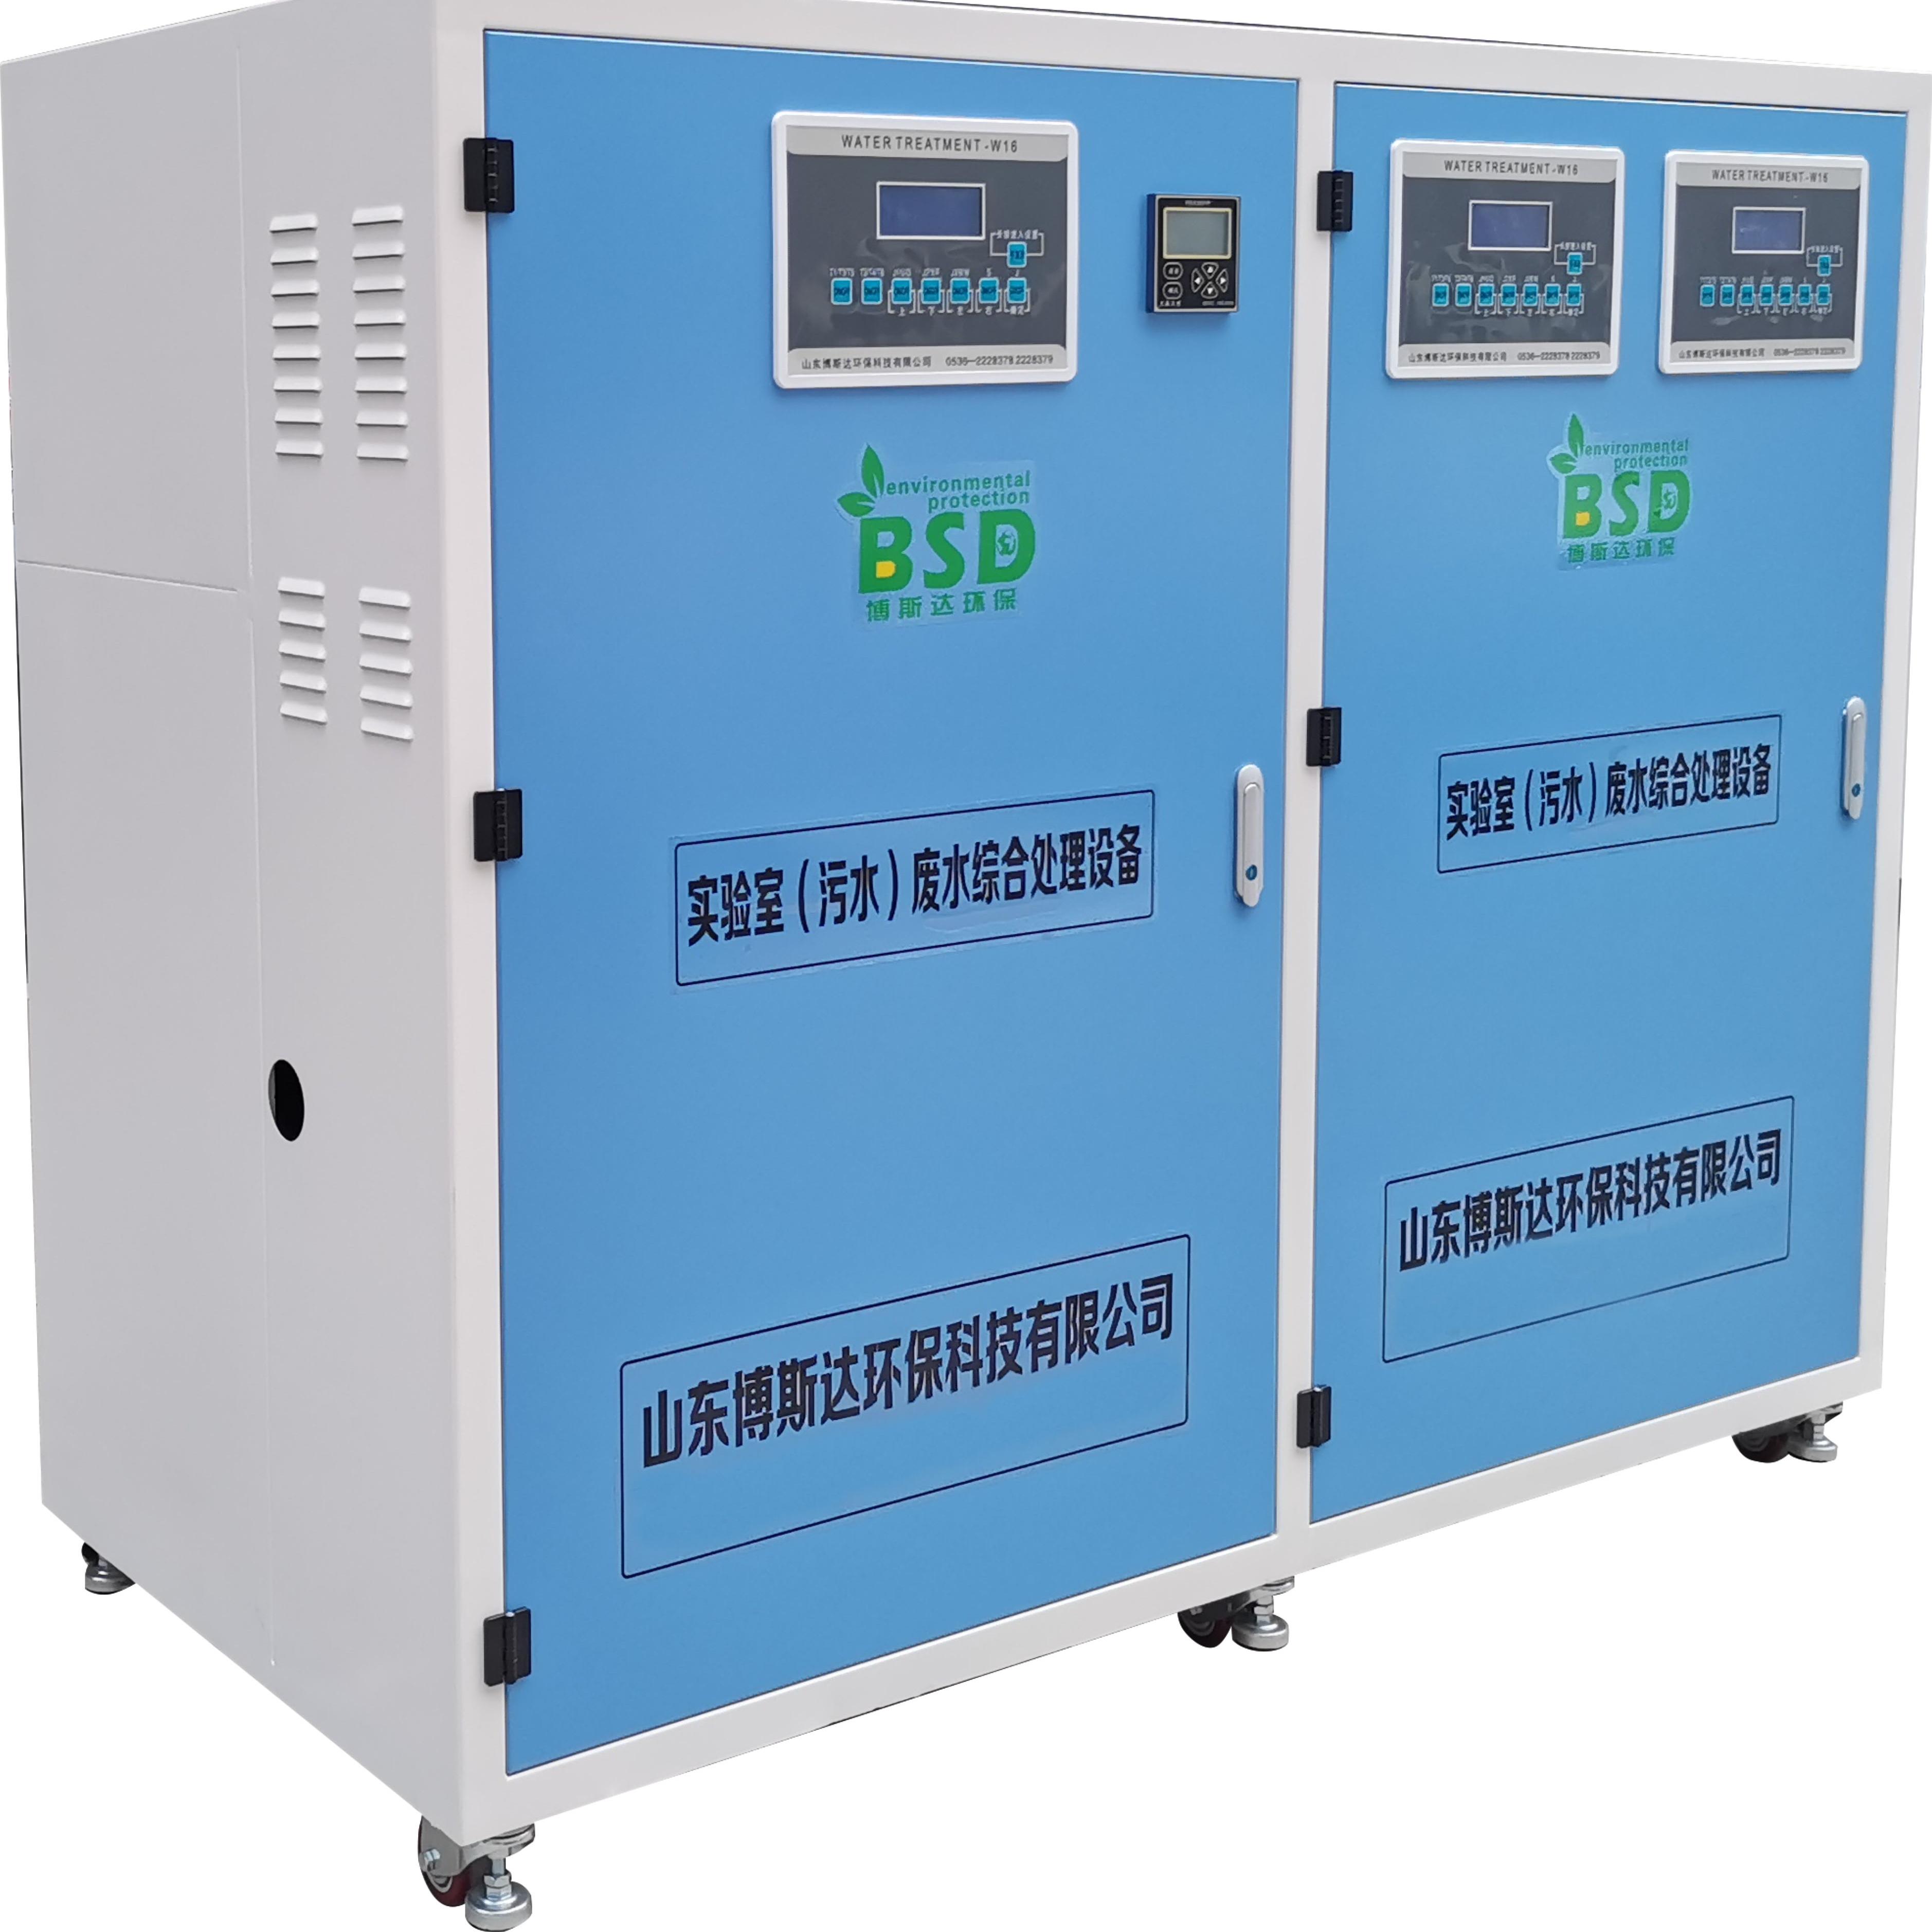 实验室污水处理设备     工艺流程